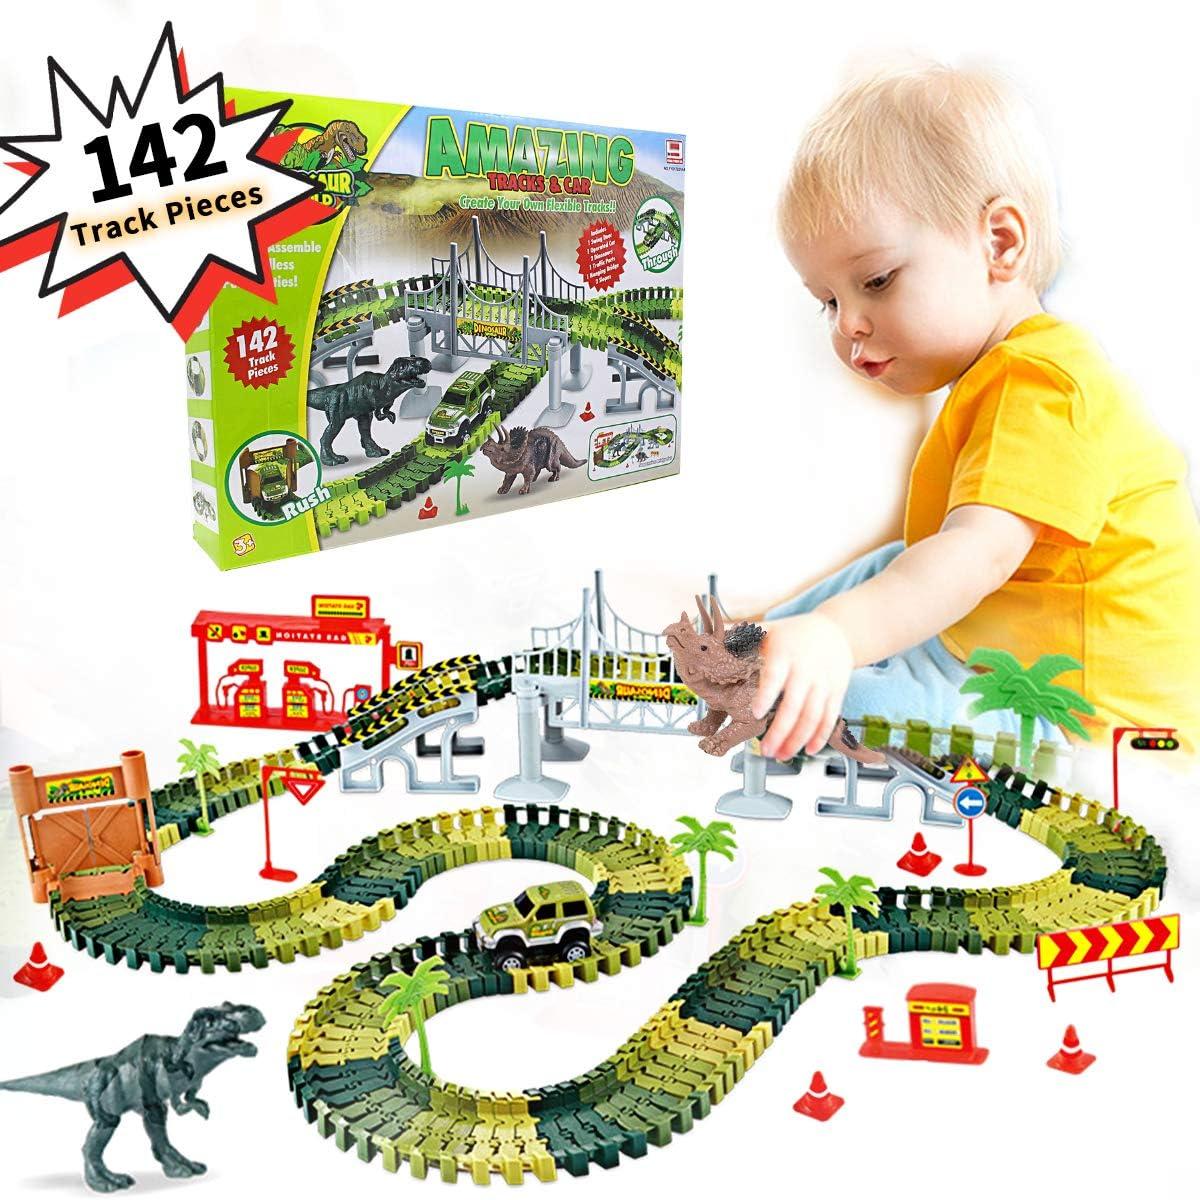 Regalos para Niños de 3 5 6 8 Años Jurassic World Dinosaurio Juguetes para Niños Juego de Pistas Coches de Juguetes Flexible 142 Piezas Playset Festival Accesorios Regalos cumpleaños para Niños: Amazon.es: Juguetes y juegos